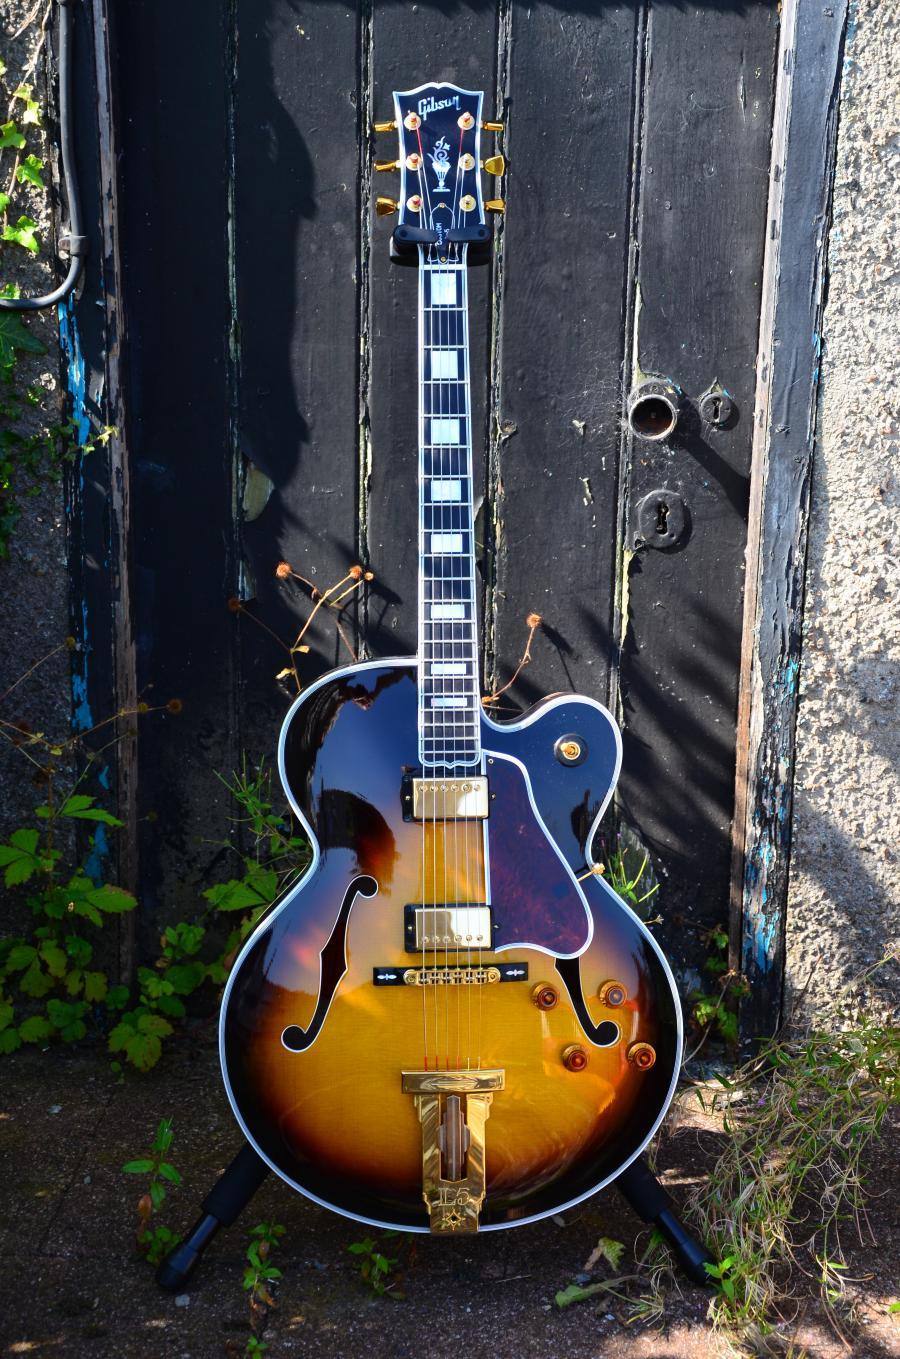 The Venerable Gibson L-5-dsc_7811-jpg